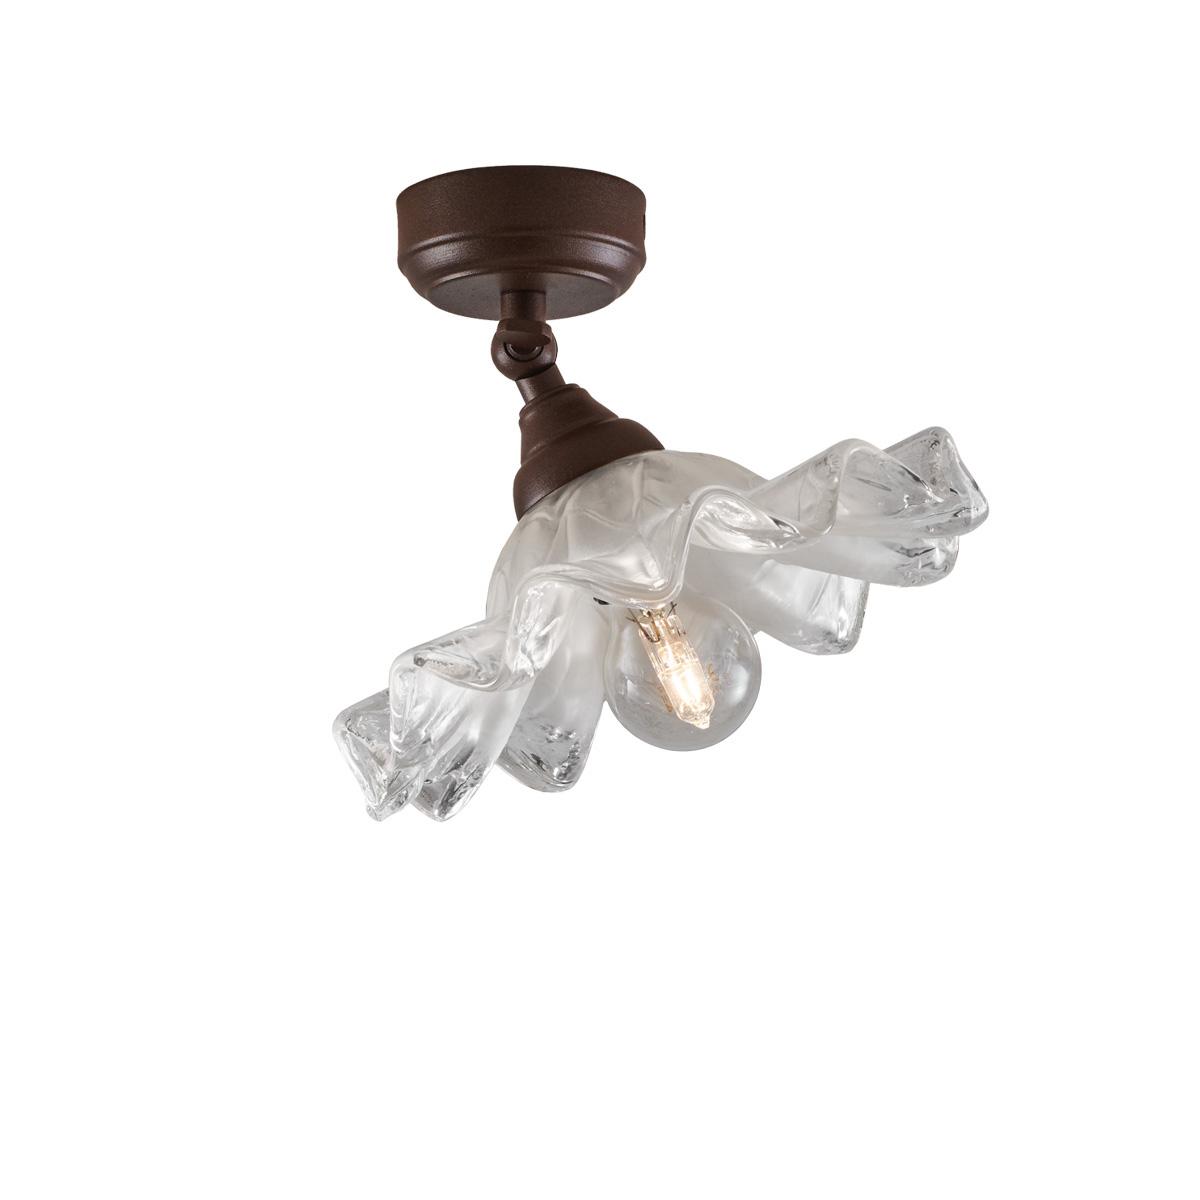 Φωτιστικό οροφής με κλειδί ΣΥΡΟΣ adjustable ceiling lamp